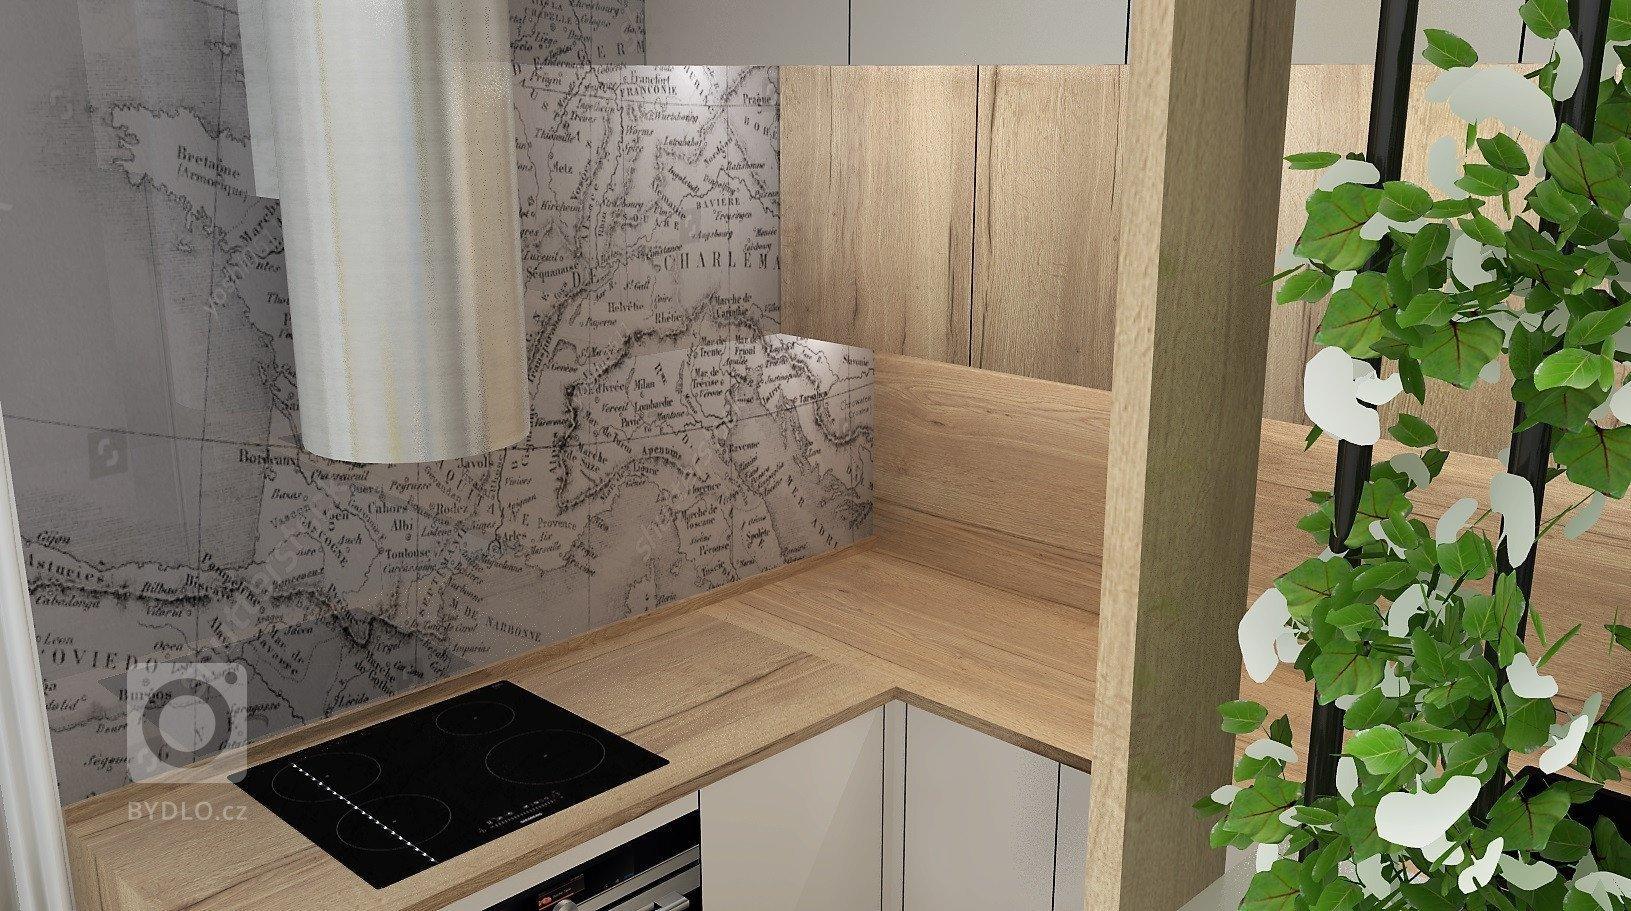 Návrh nové kuchyně pro mladou dvojici, která ráda cestuje a vyjíždí za poznáváním krásných míst z bytu v Podkrkonoší.